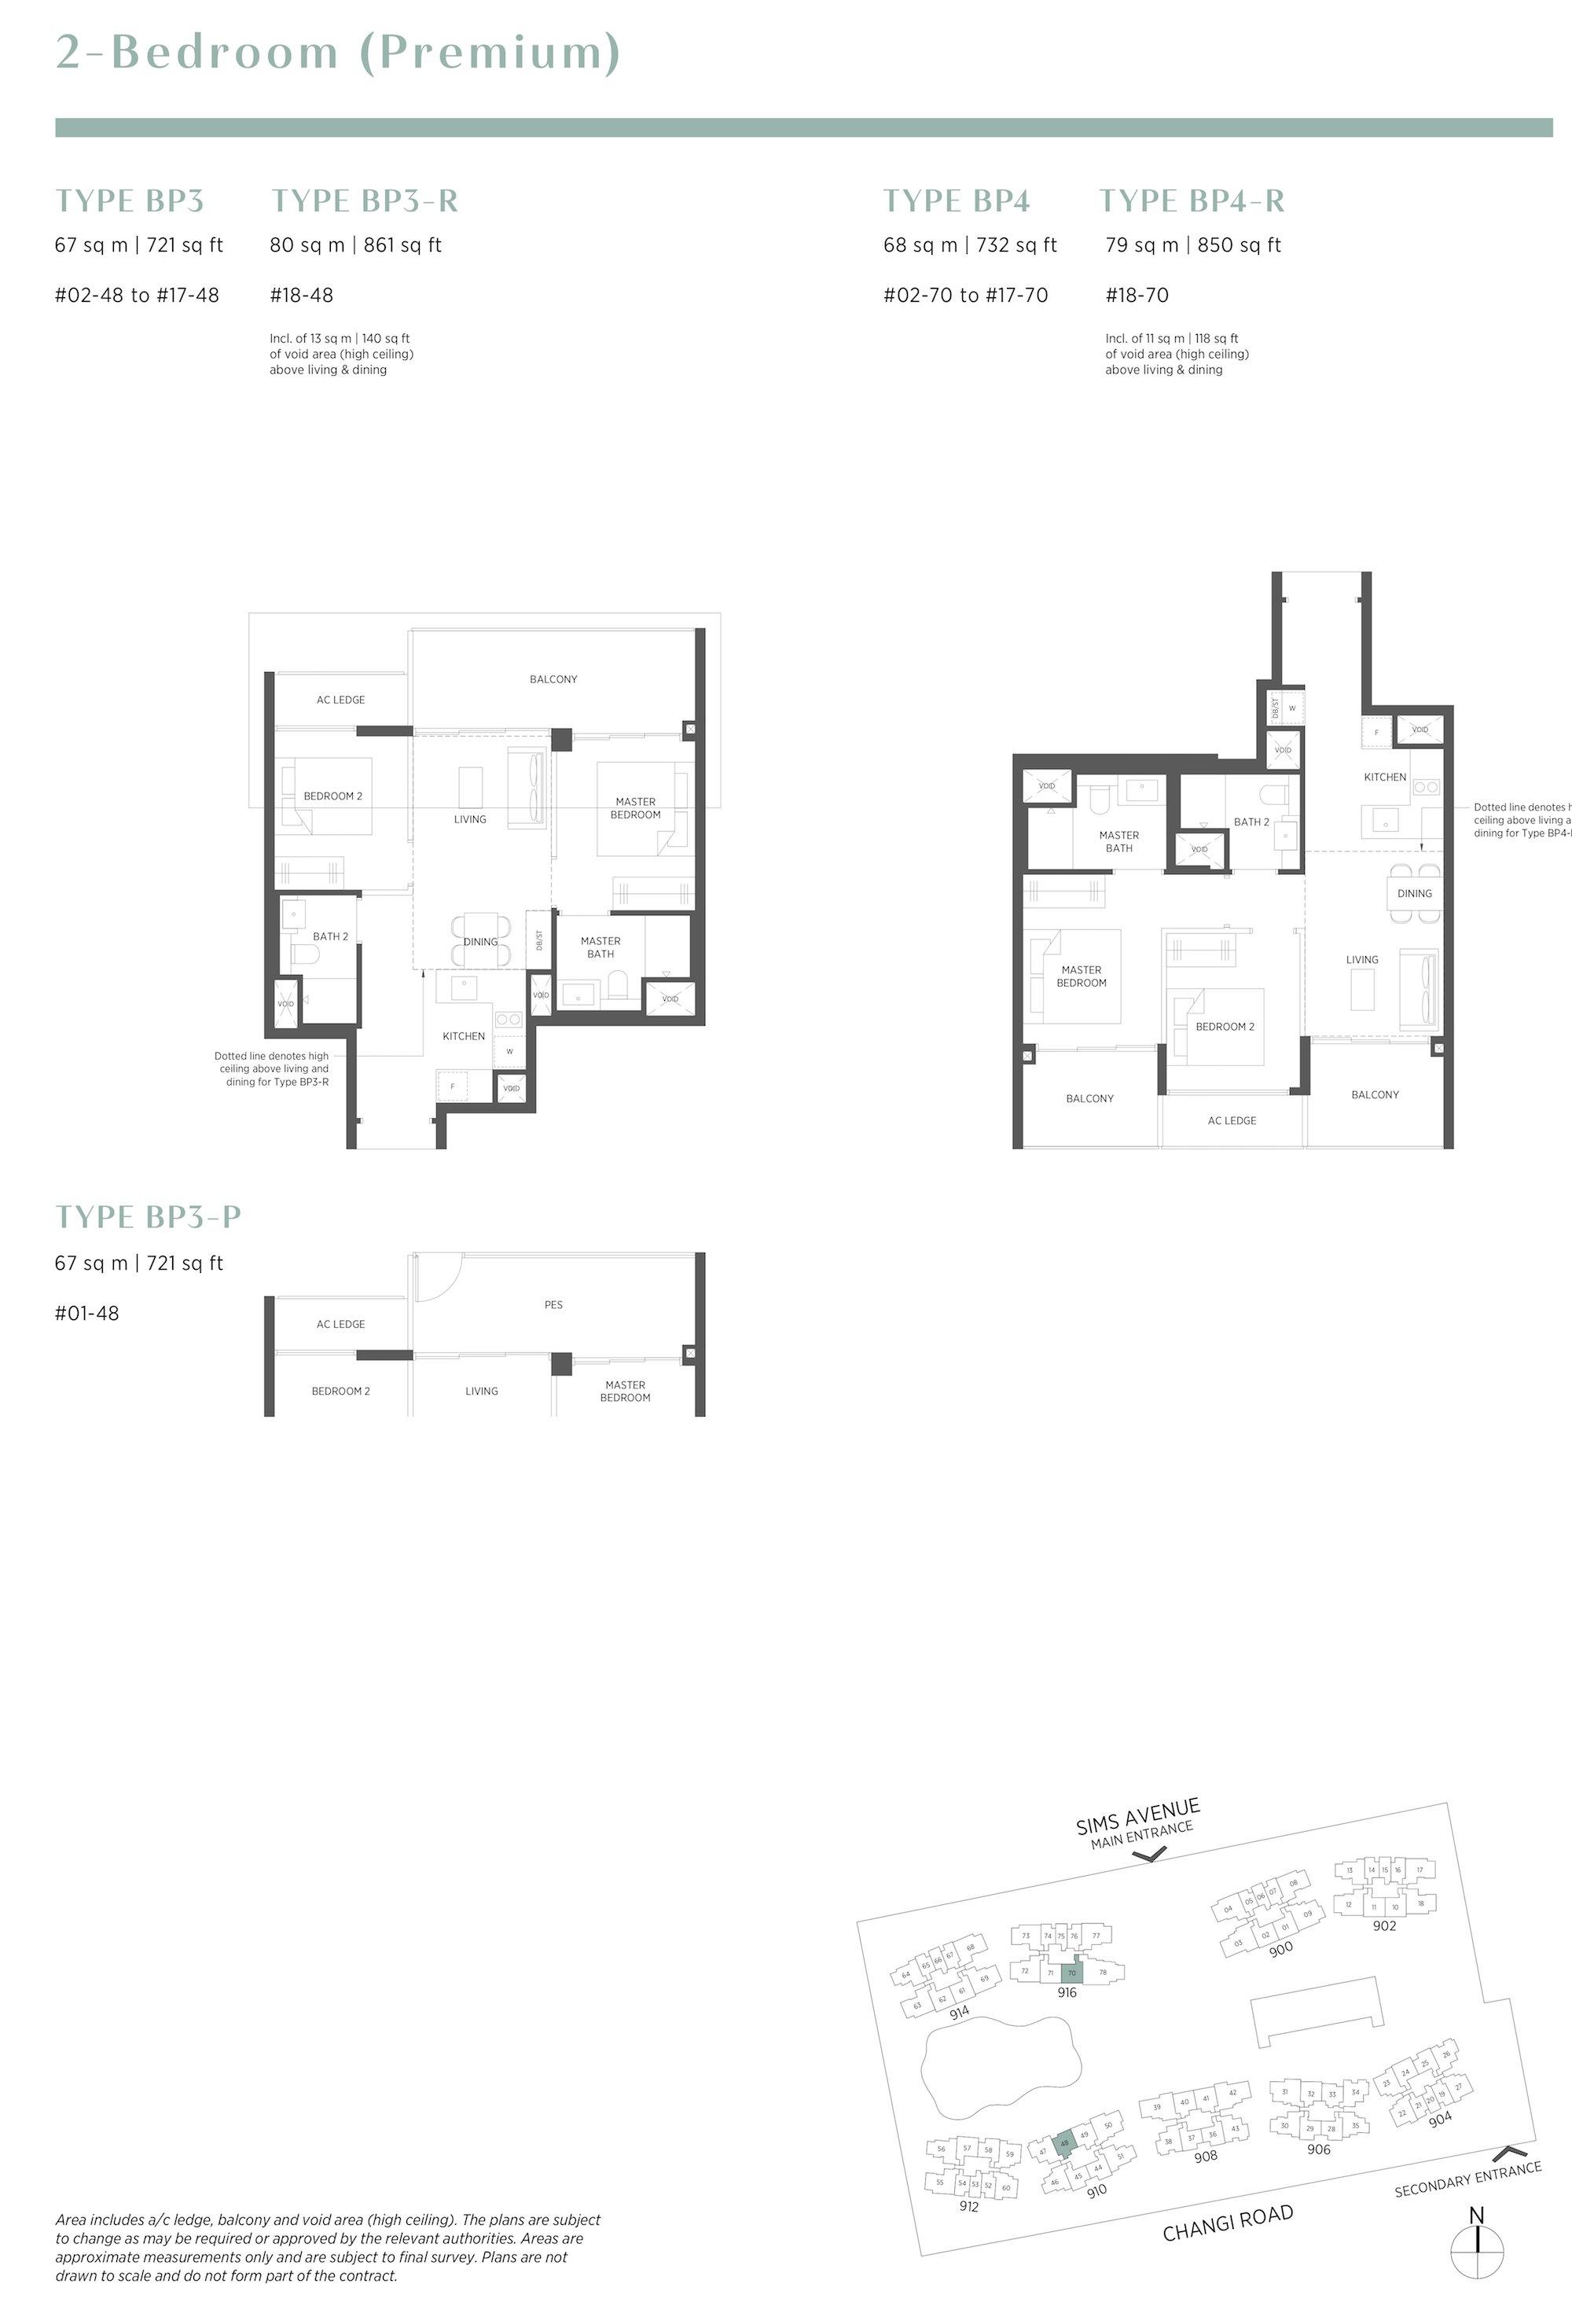 Parc Esta 东景苑 2 bedroom premium 2卧房优质 BP3 BP4